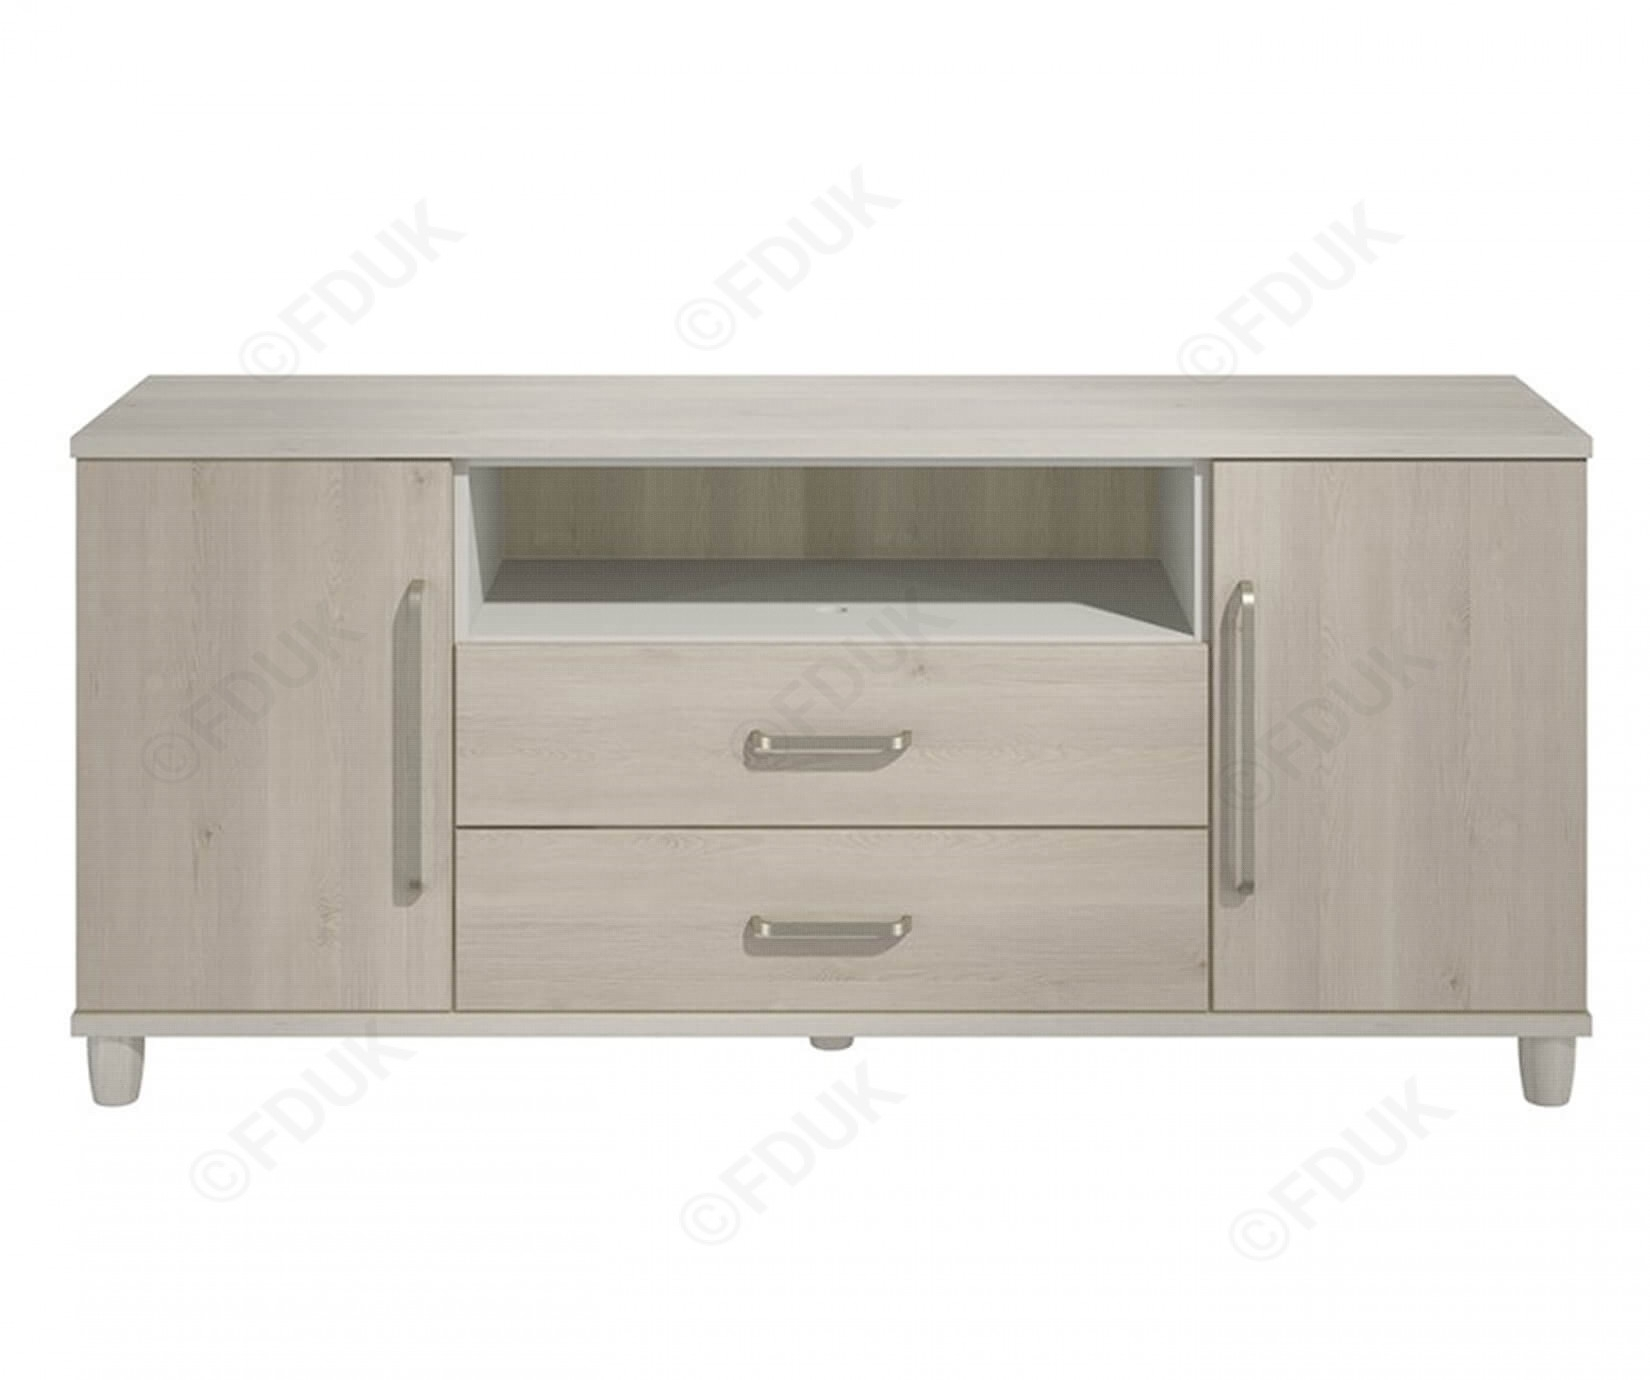 Kt Moda | Cashmere And Elm 2 Door 2 Drawer Sideboard Regarding Current 2 Door Mirror Front Sideboards (#9 of 20)